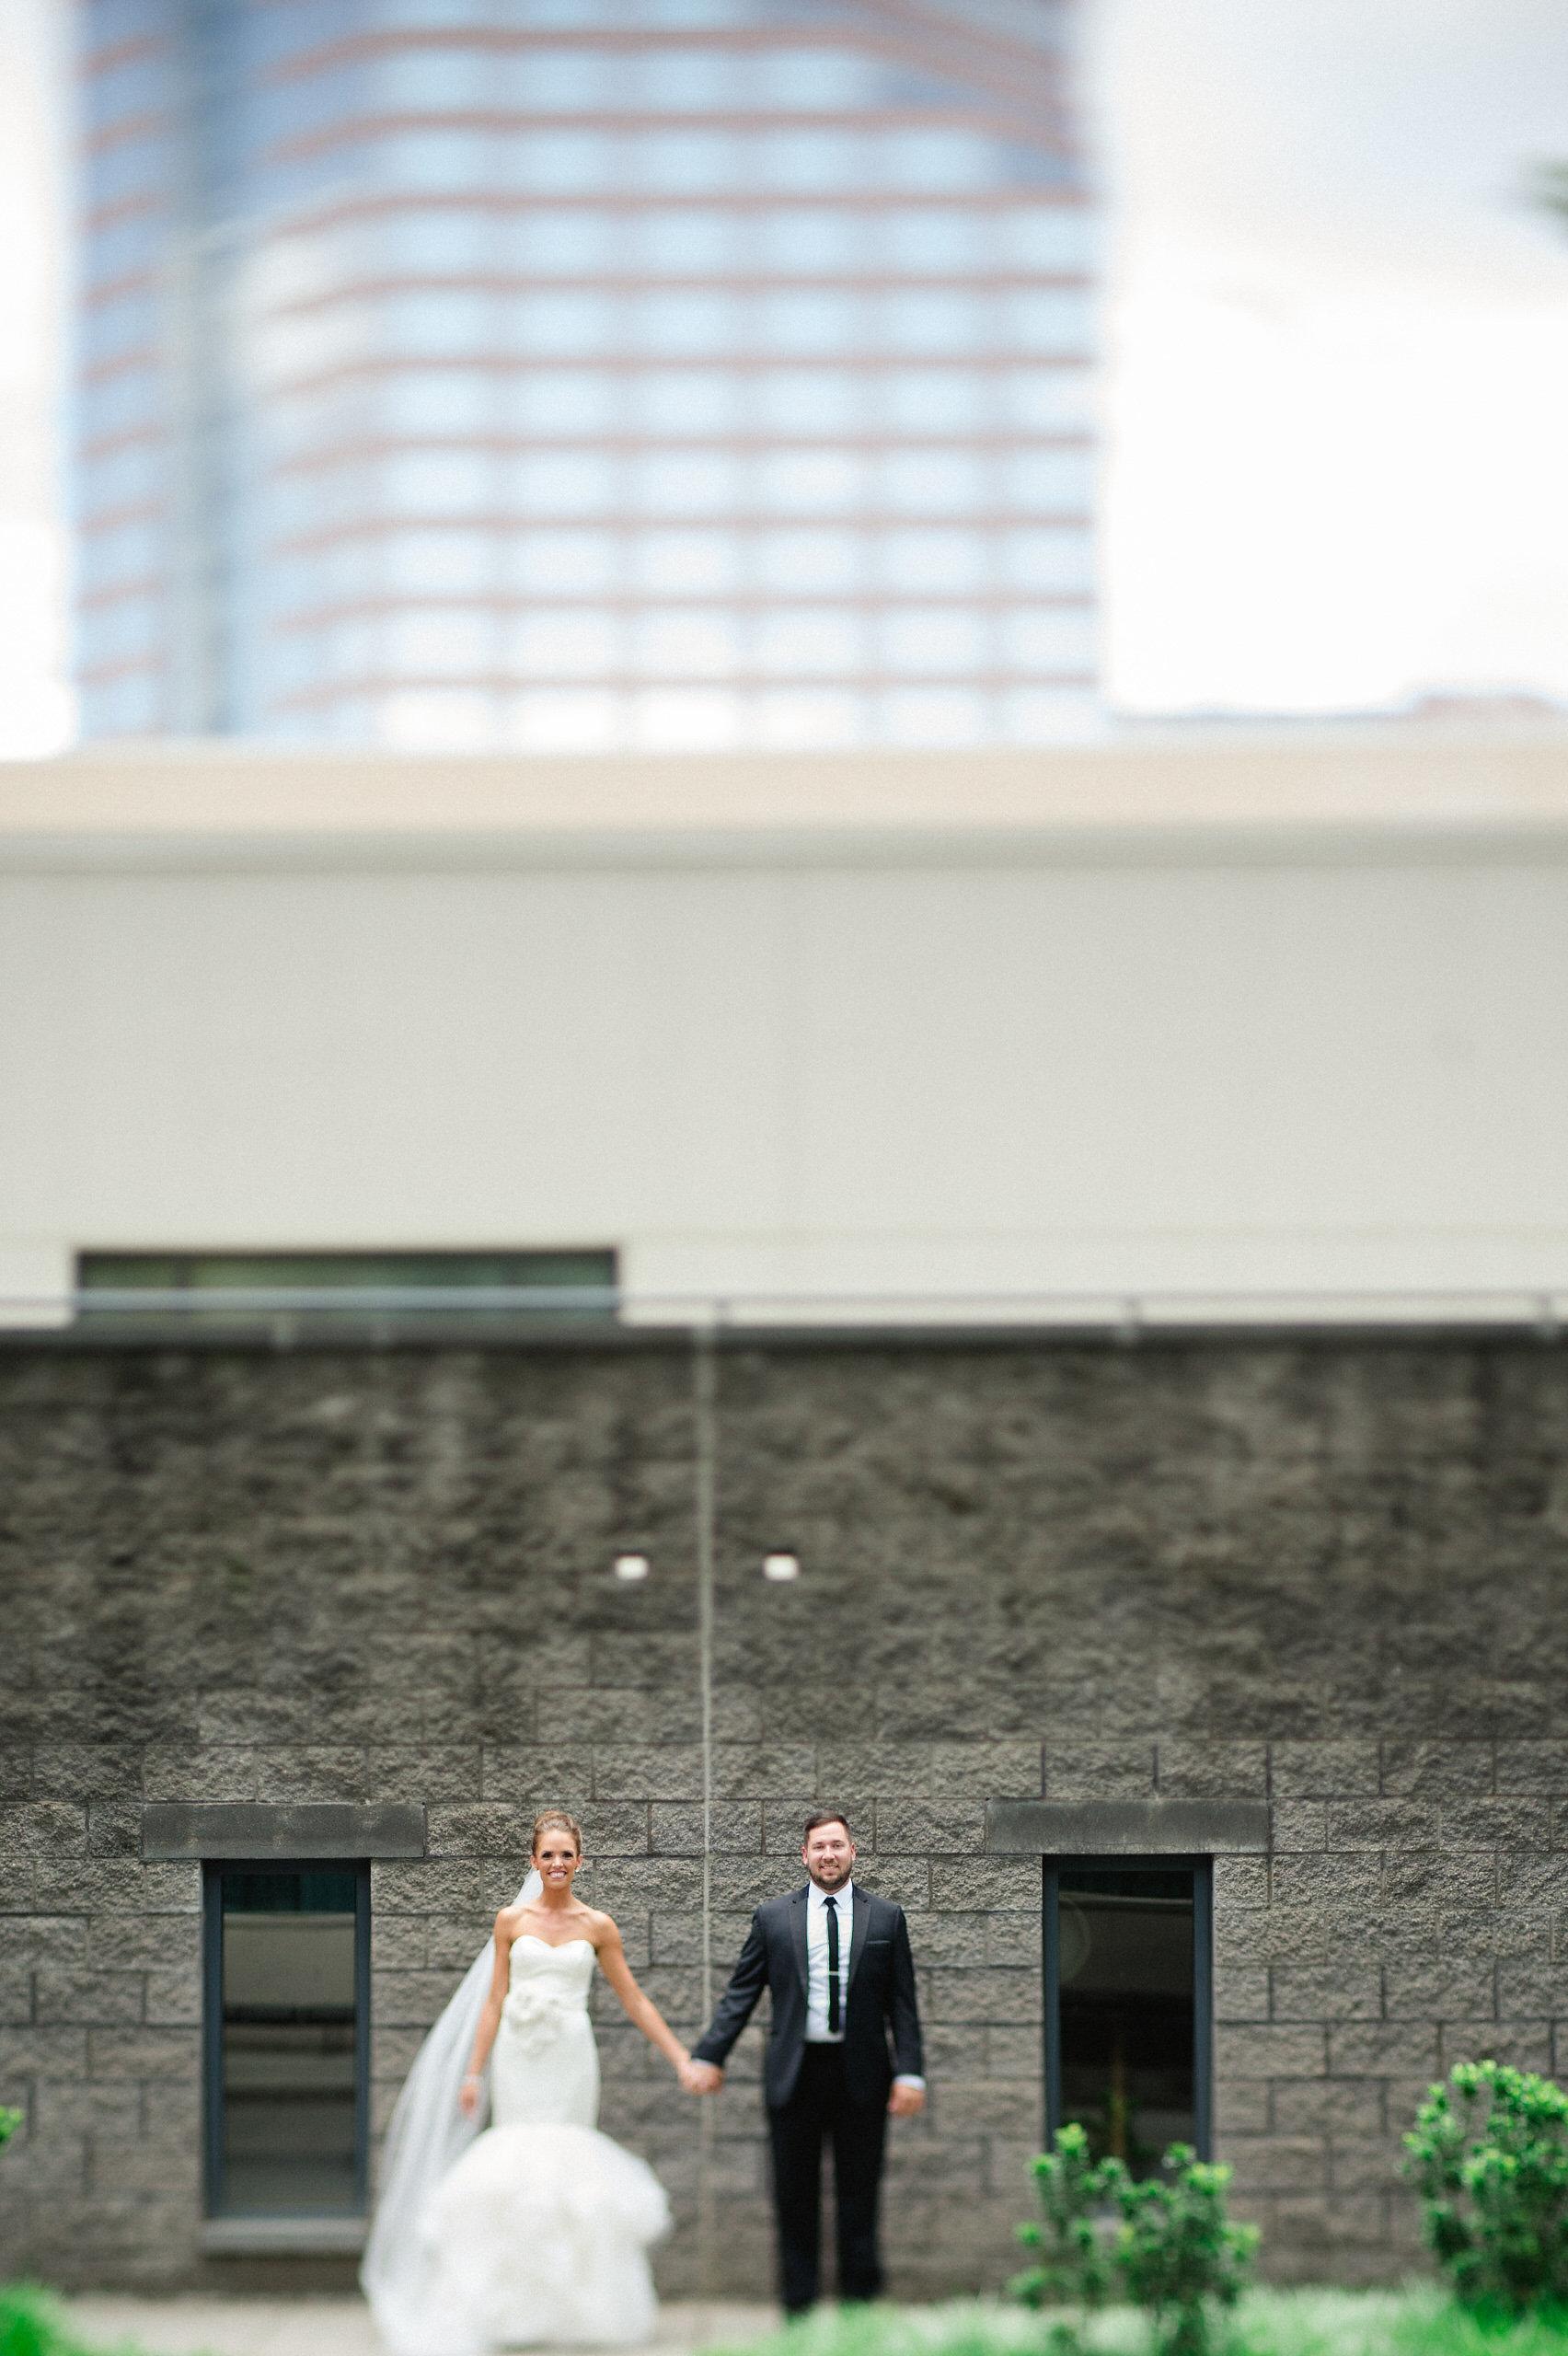 shelby&jordan|smitten&hooked|wedding|firstlook-058.jpg